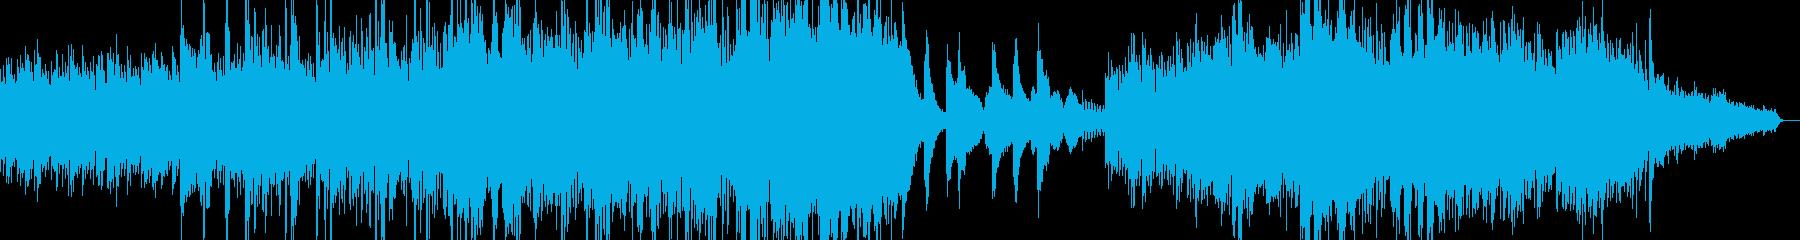 シネマティックなピアノにストリングスの再生済みの波形